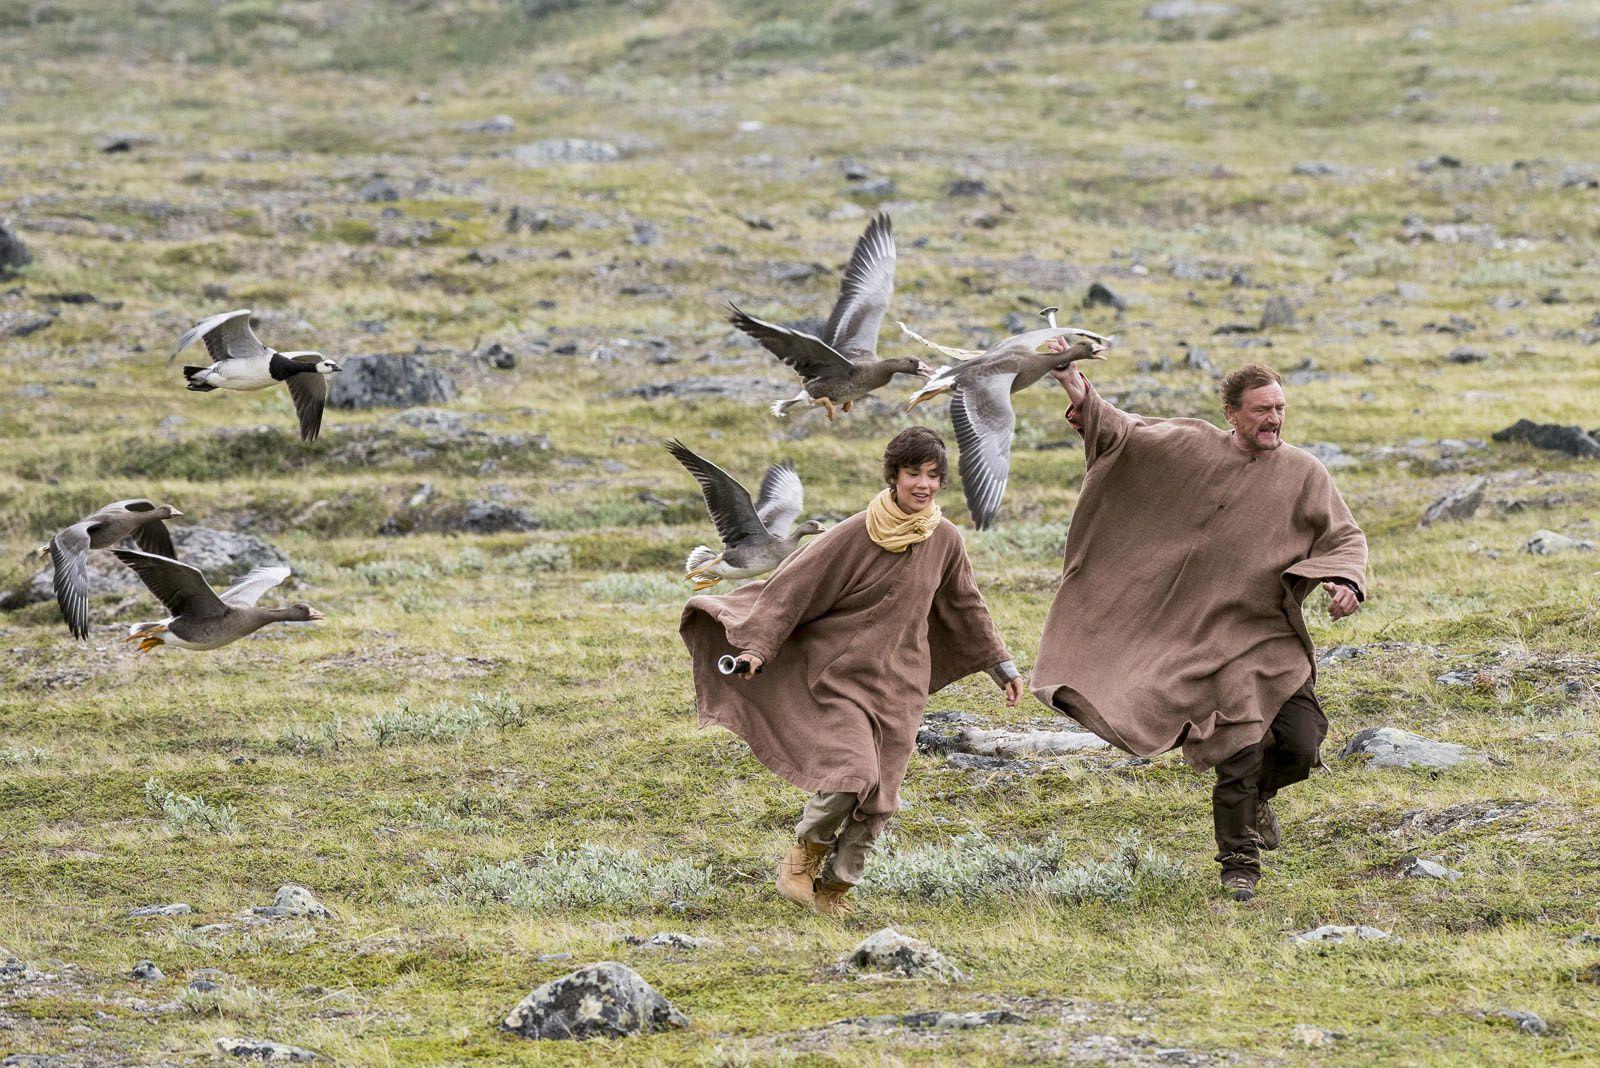 Donne-moi des ailes (BANDE-ANNONCE) de Nicolas Vanier - Le 9 octobre 2019 au cinéma